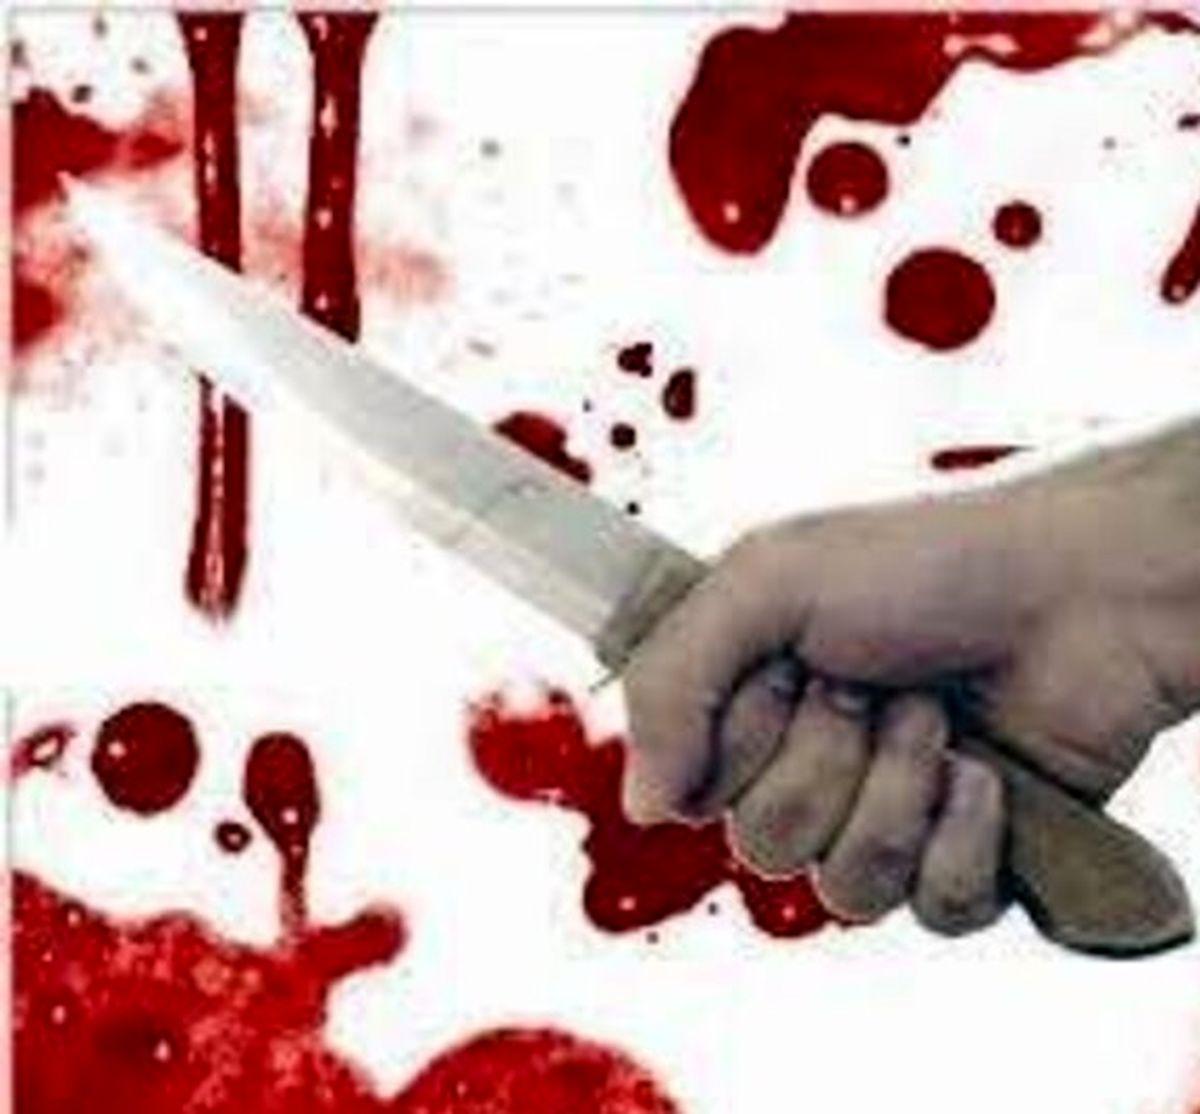 قتل وحشتناک زن جوان در خانه مجردی مرد شرور